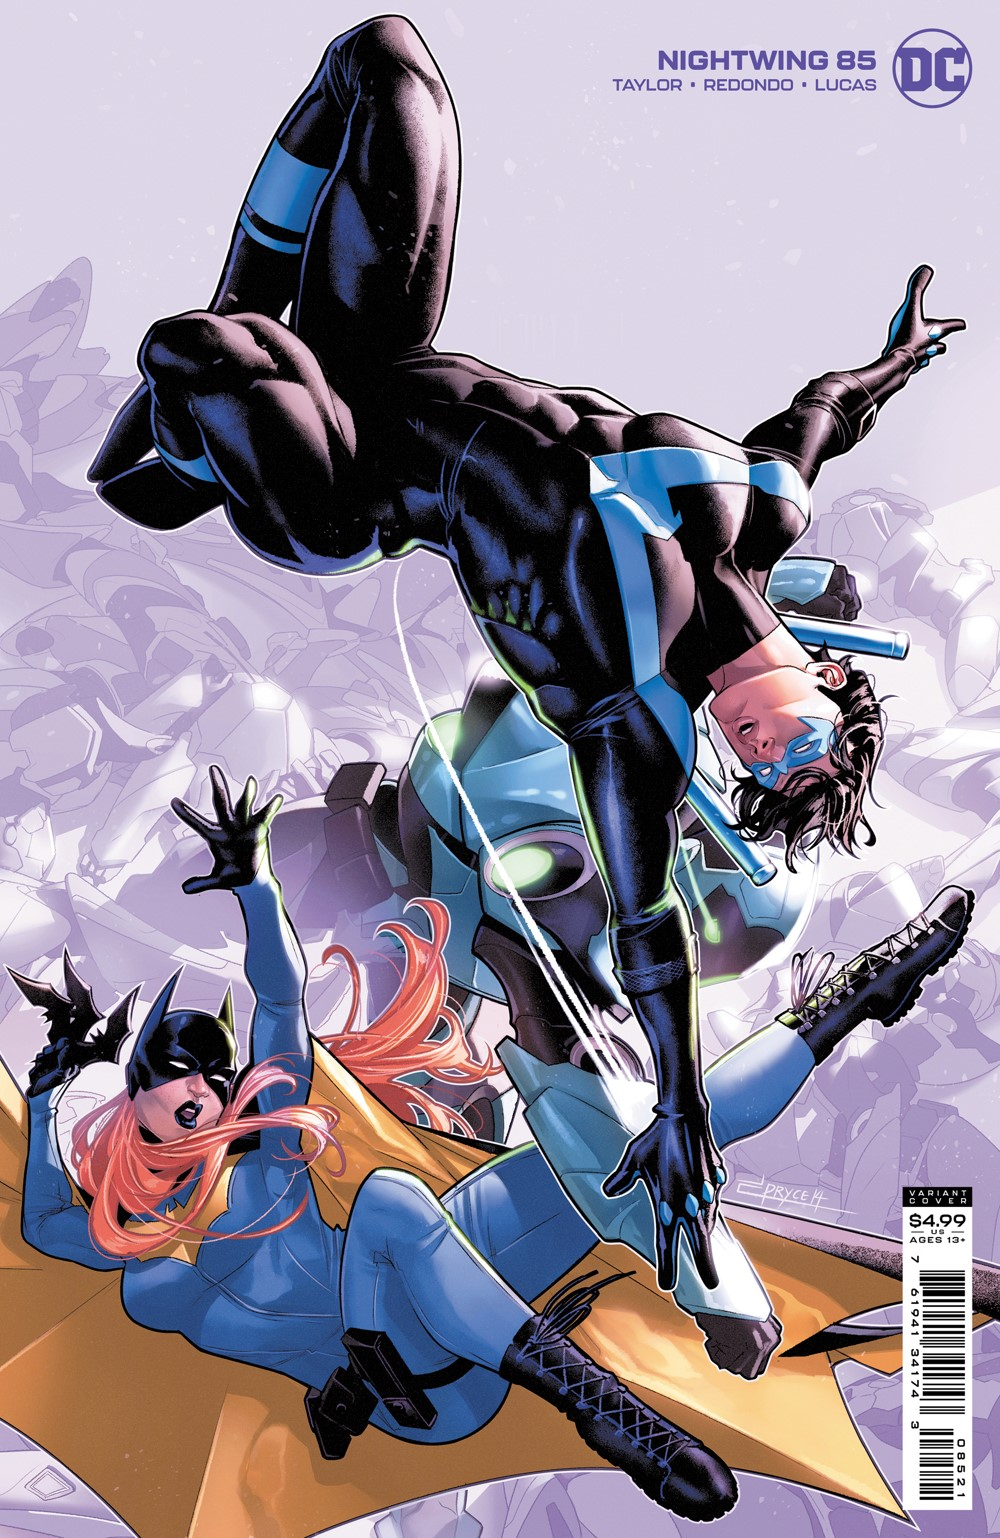 NTW_Cv85_var_08521 DC Comics October 2021 Solicitations